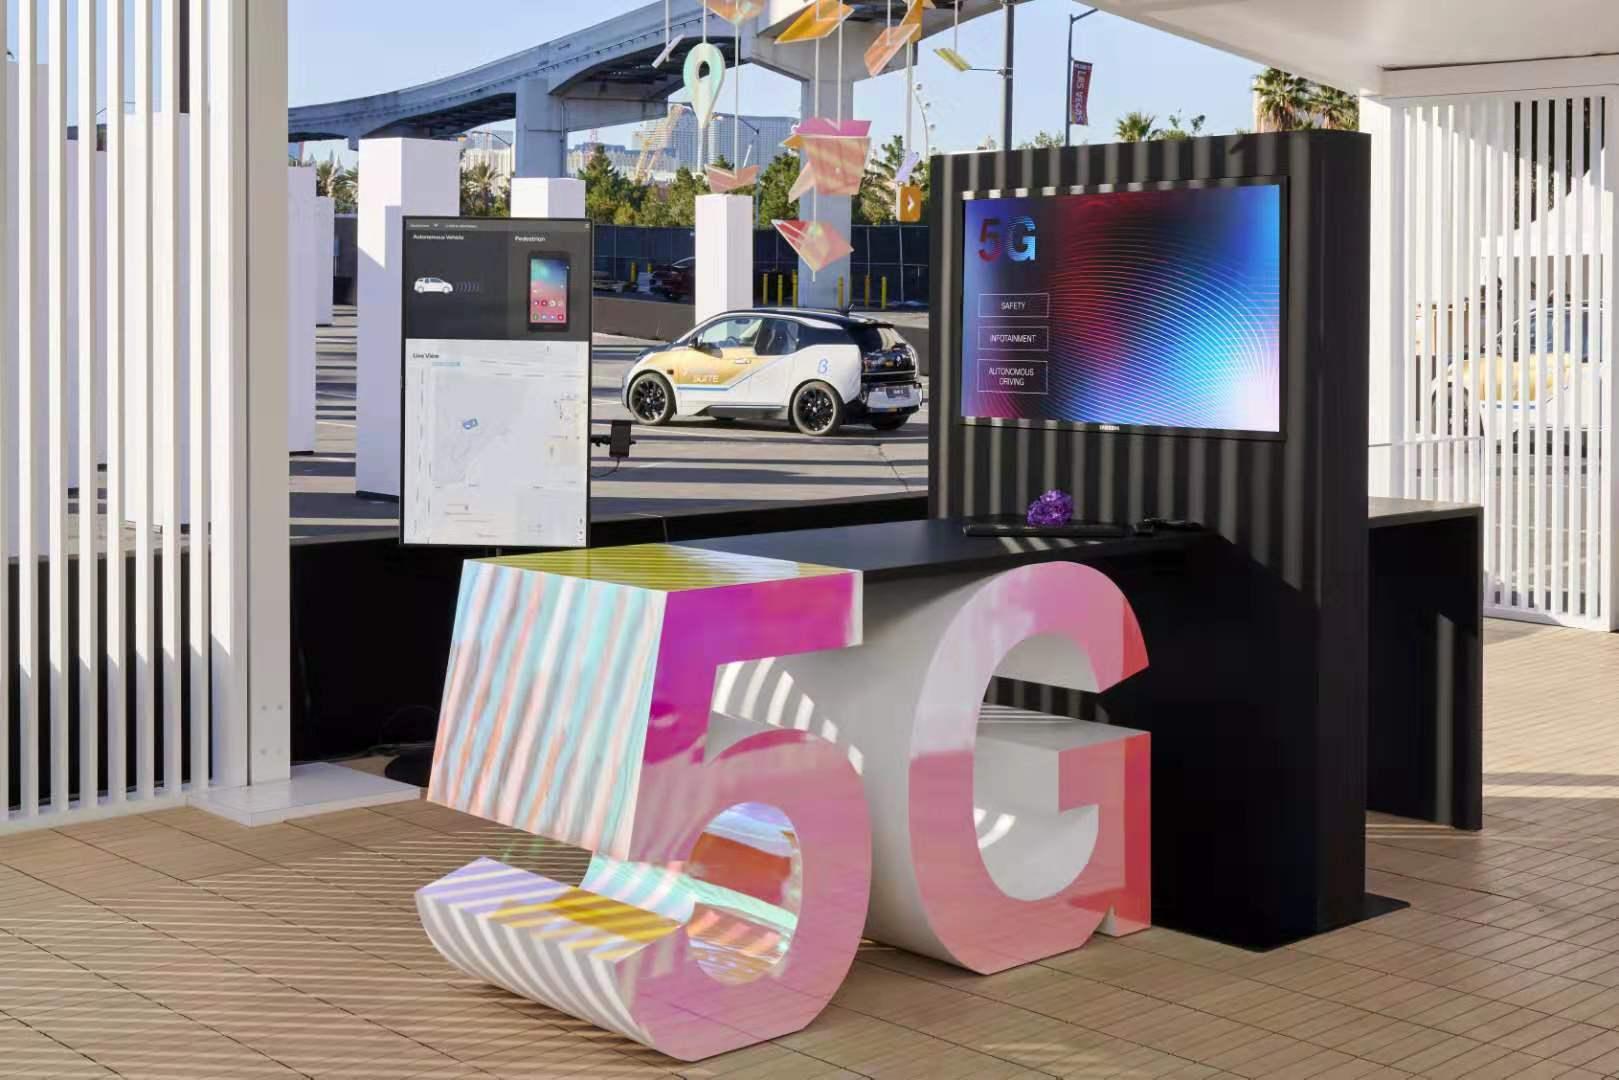 与HARMAN Samsung合作研发5G技术 宝马致力未来出行新一代通信技术高档汽车制造商